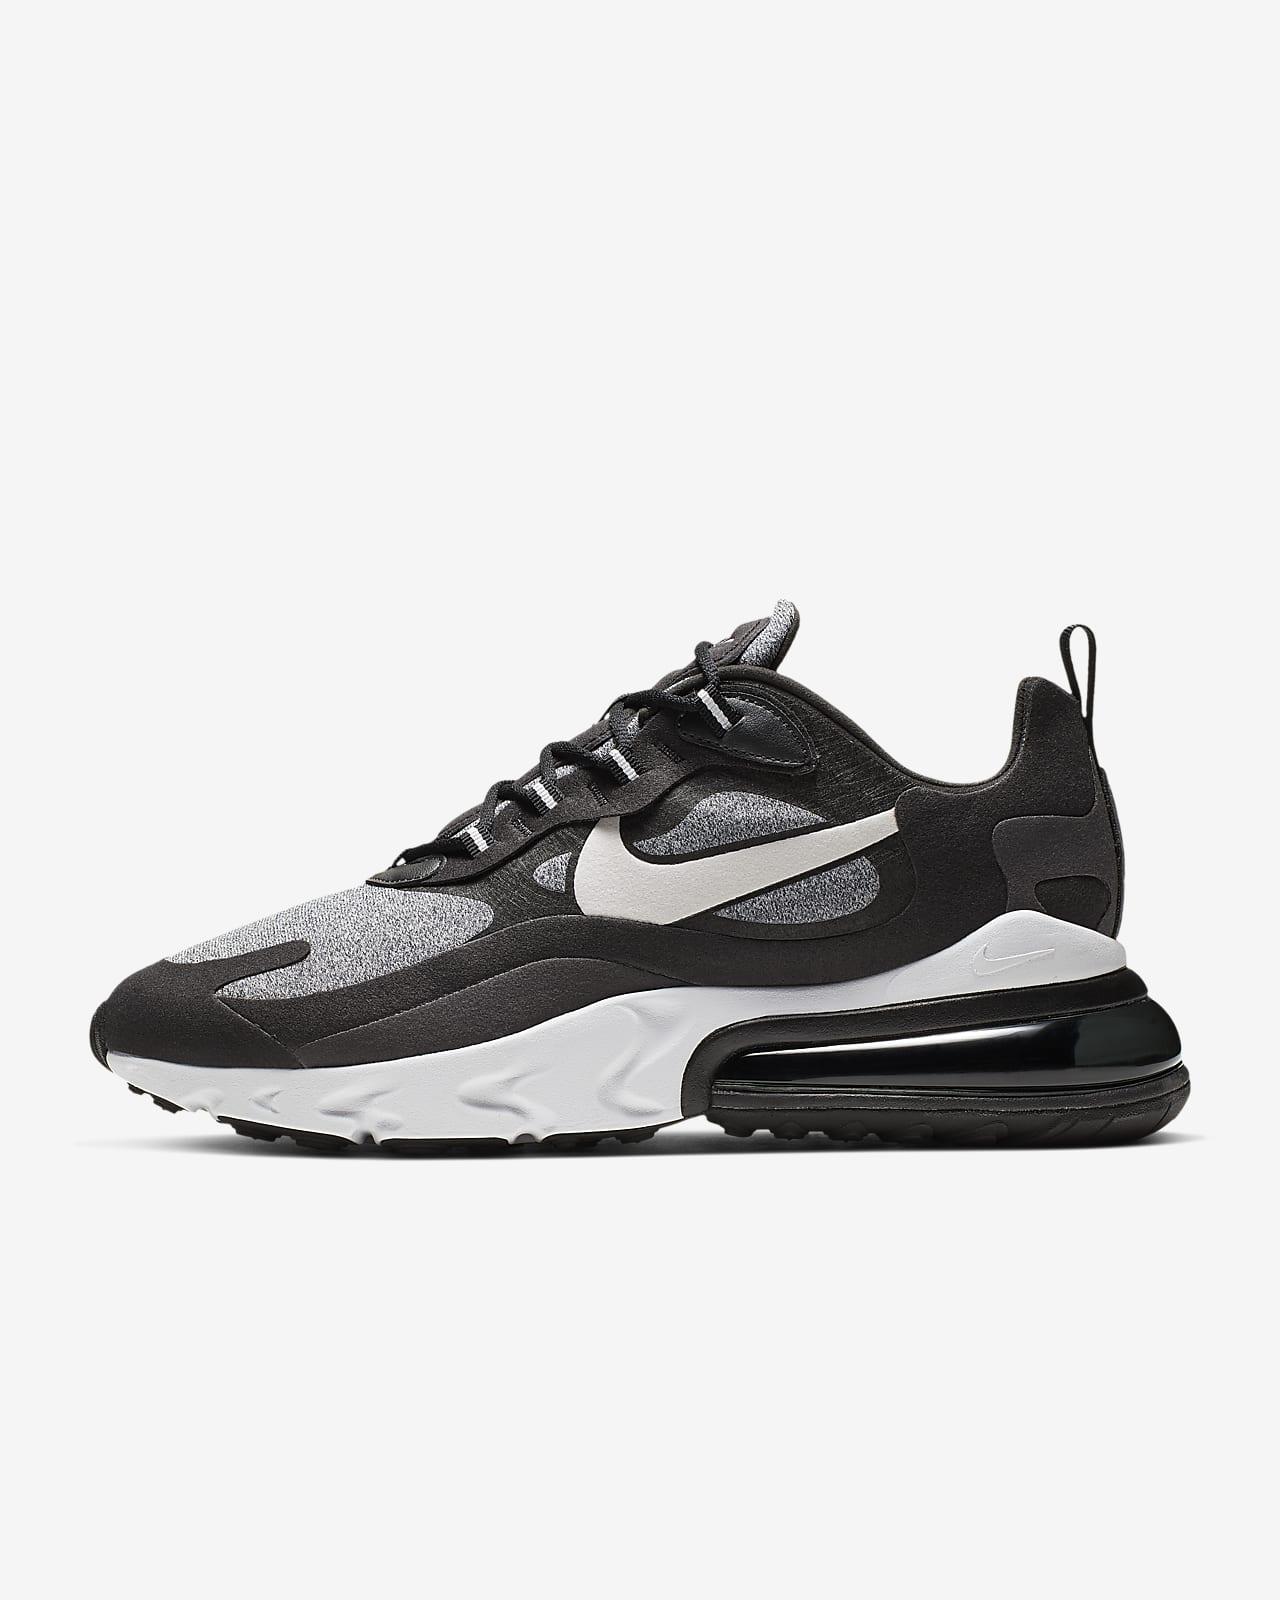 Nike Air Max 270 React (Op Art) Men's